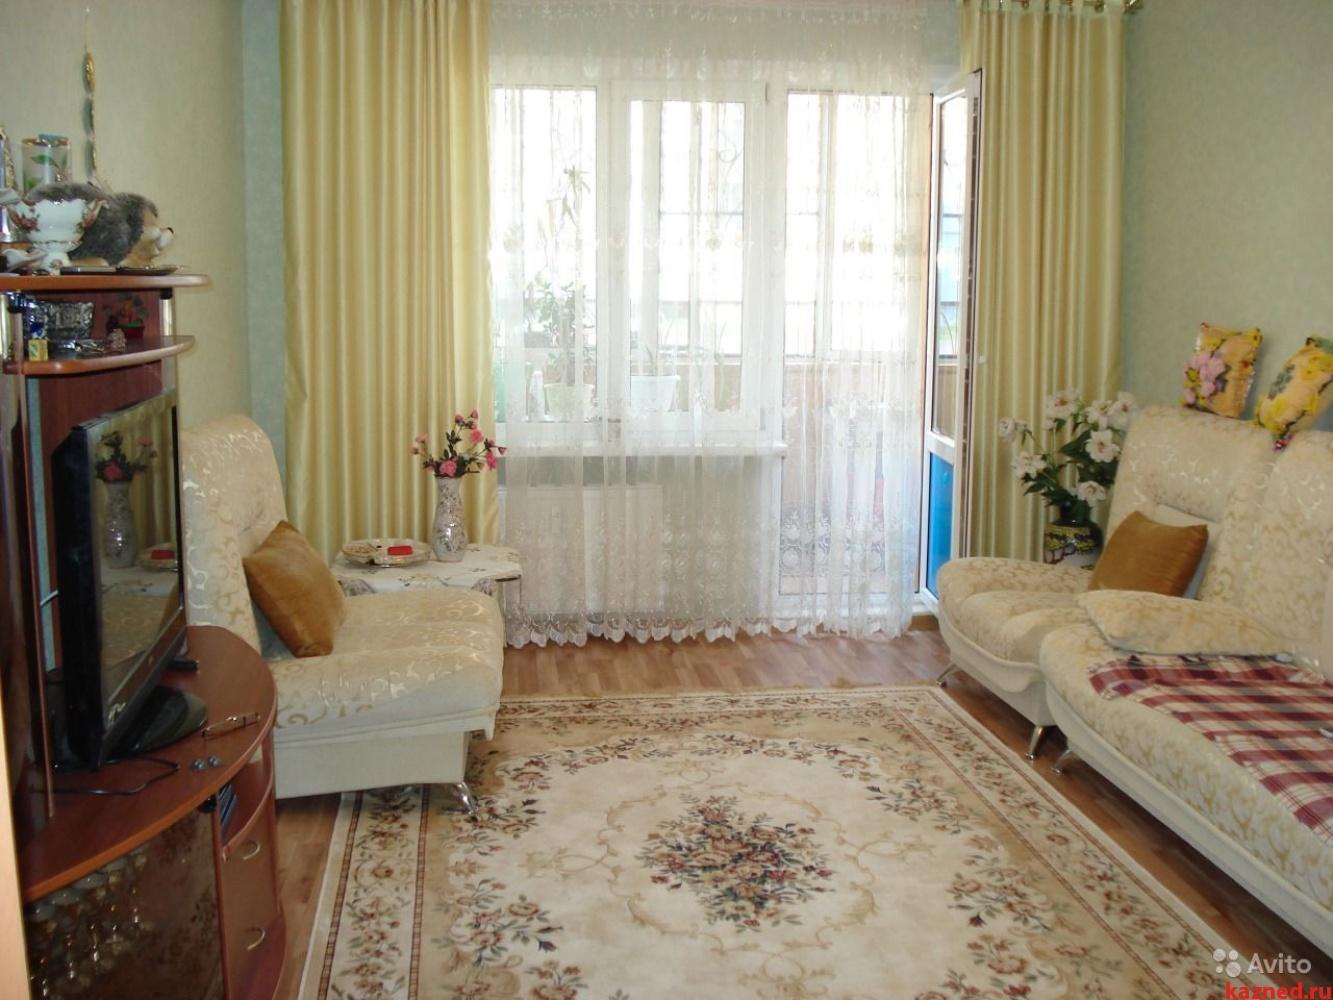 Продам 3-комн.квартиру Гайсина, 3, 77 м2  (миниатюра №2)